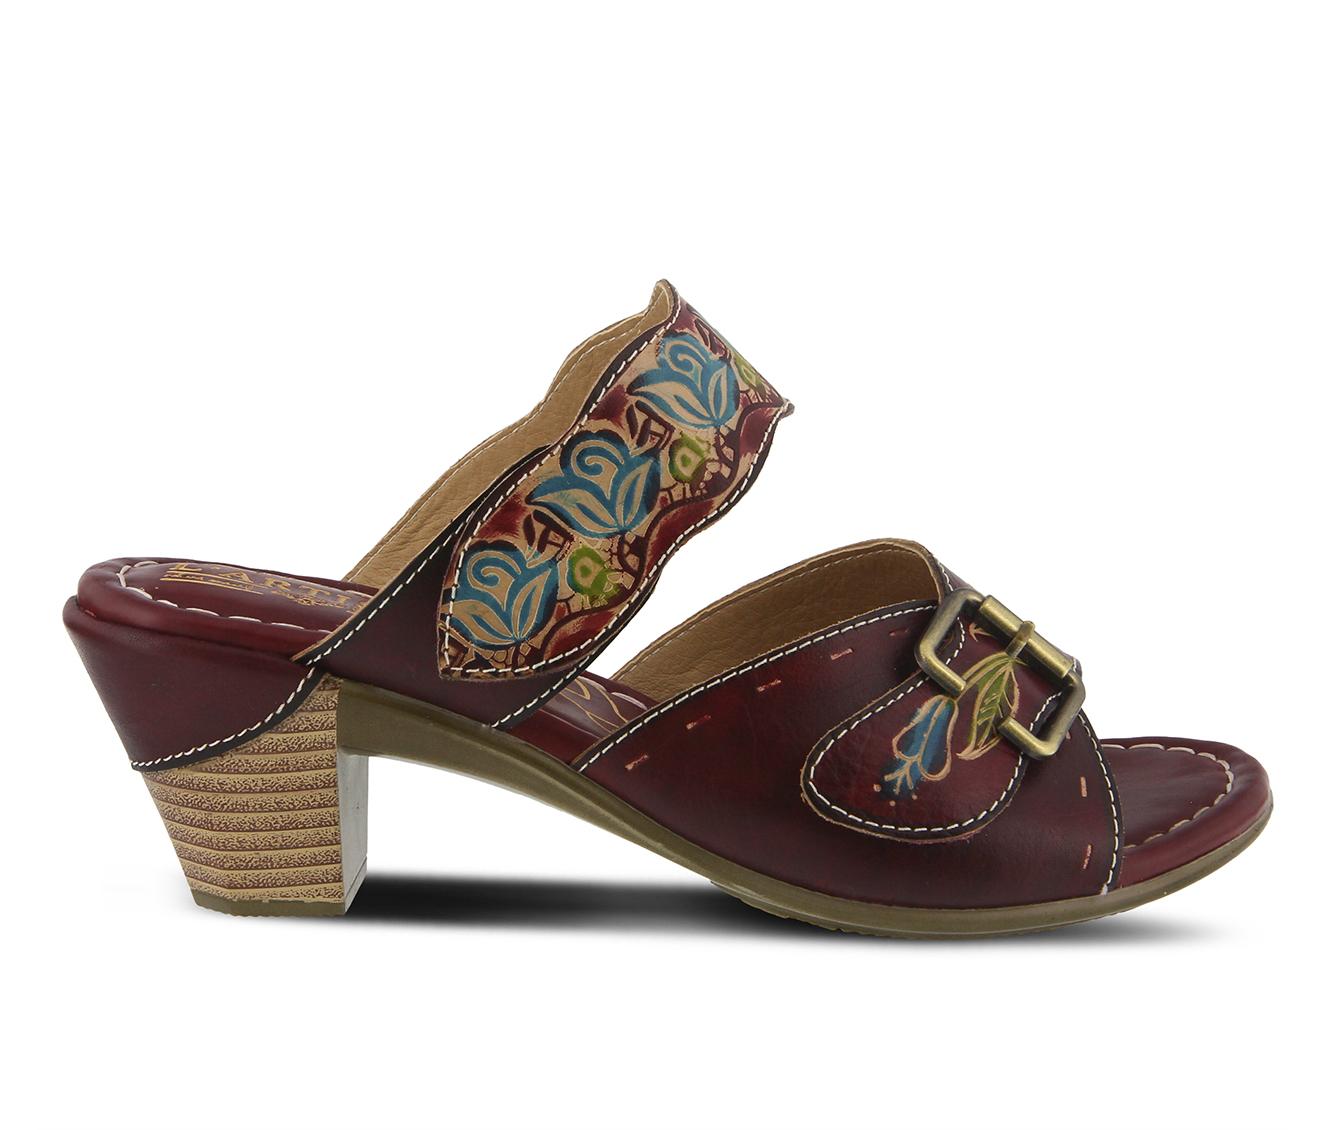 L'Artiste Ozuna Women's Dress Shoe (Red Leather)